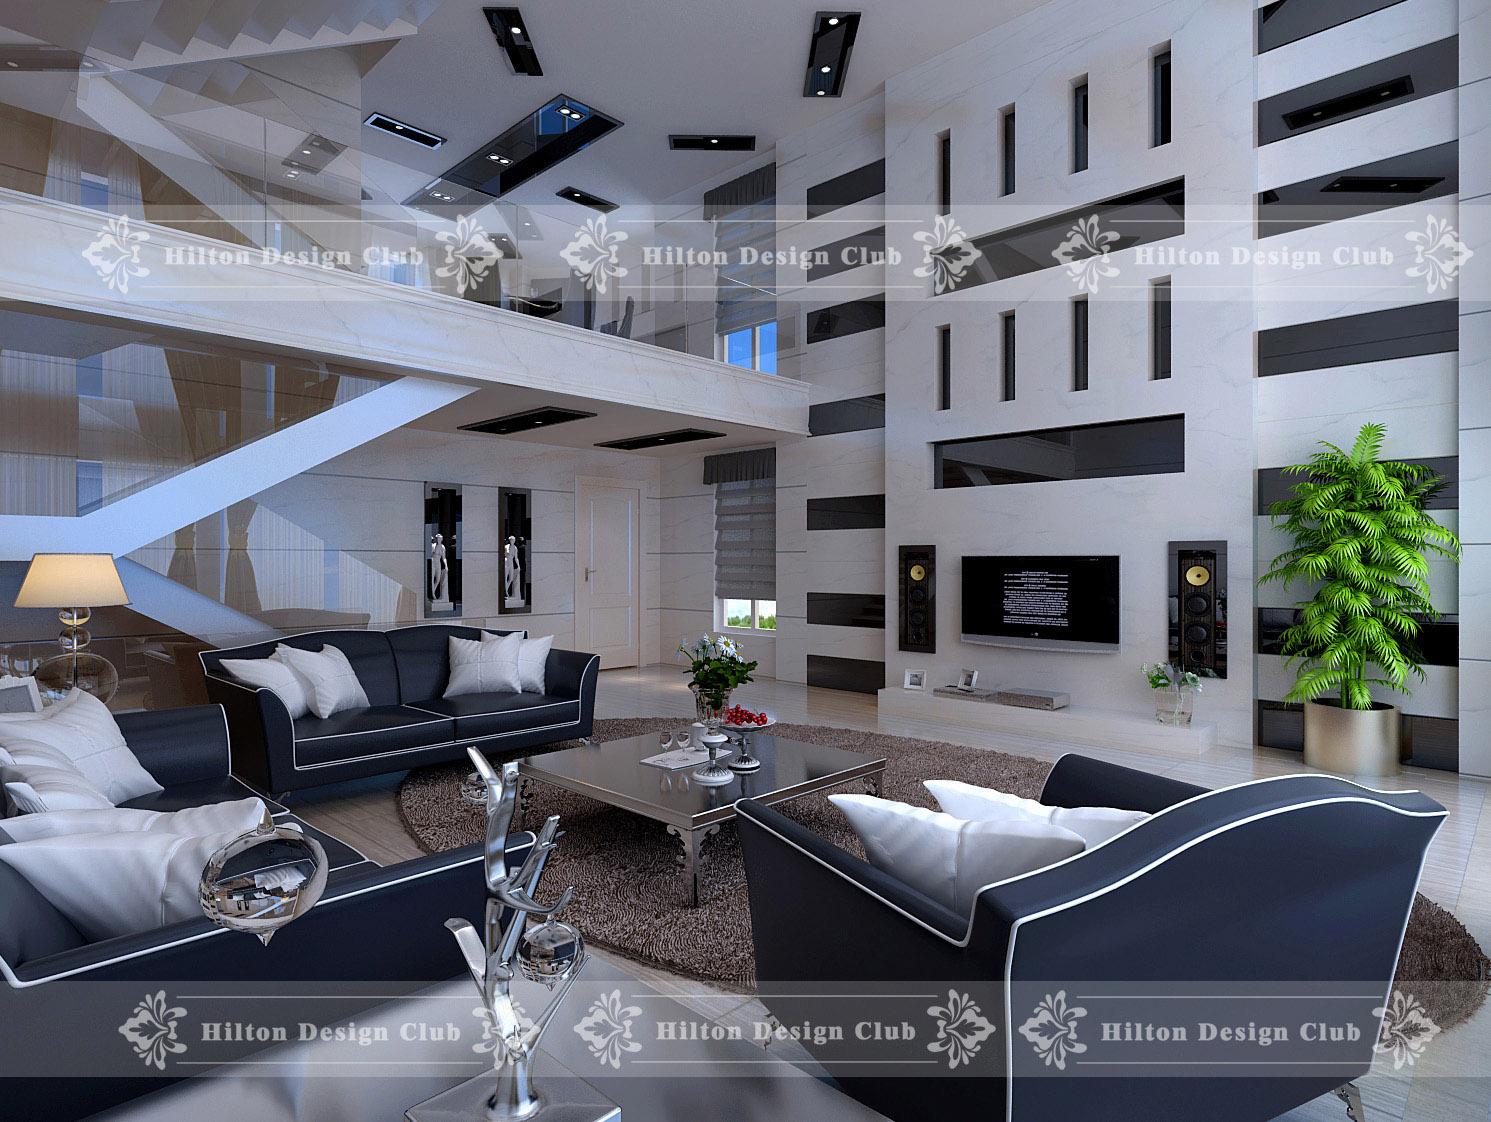 家装装修设计效果图/客厅卧室电视墙背景墙欧式古典风格 欧美古典